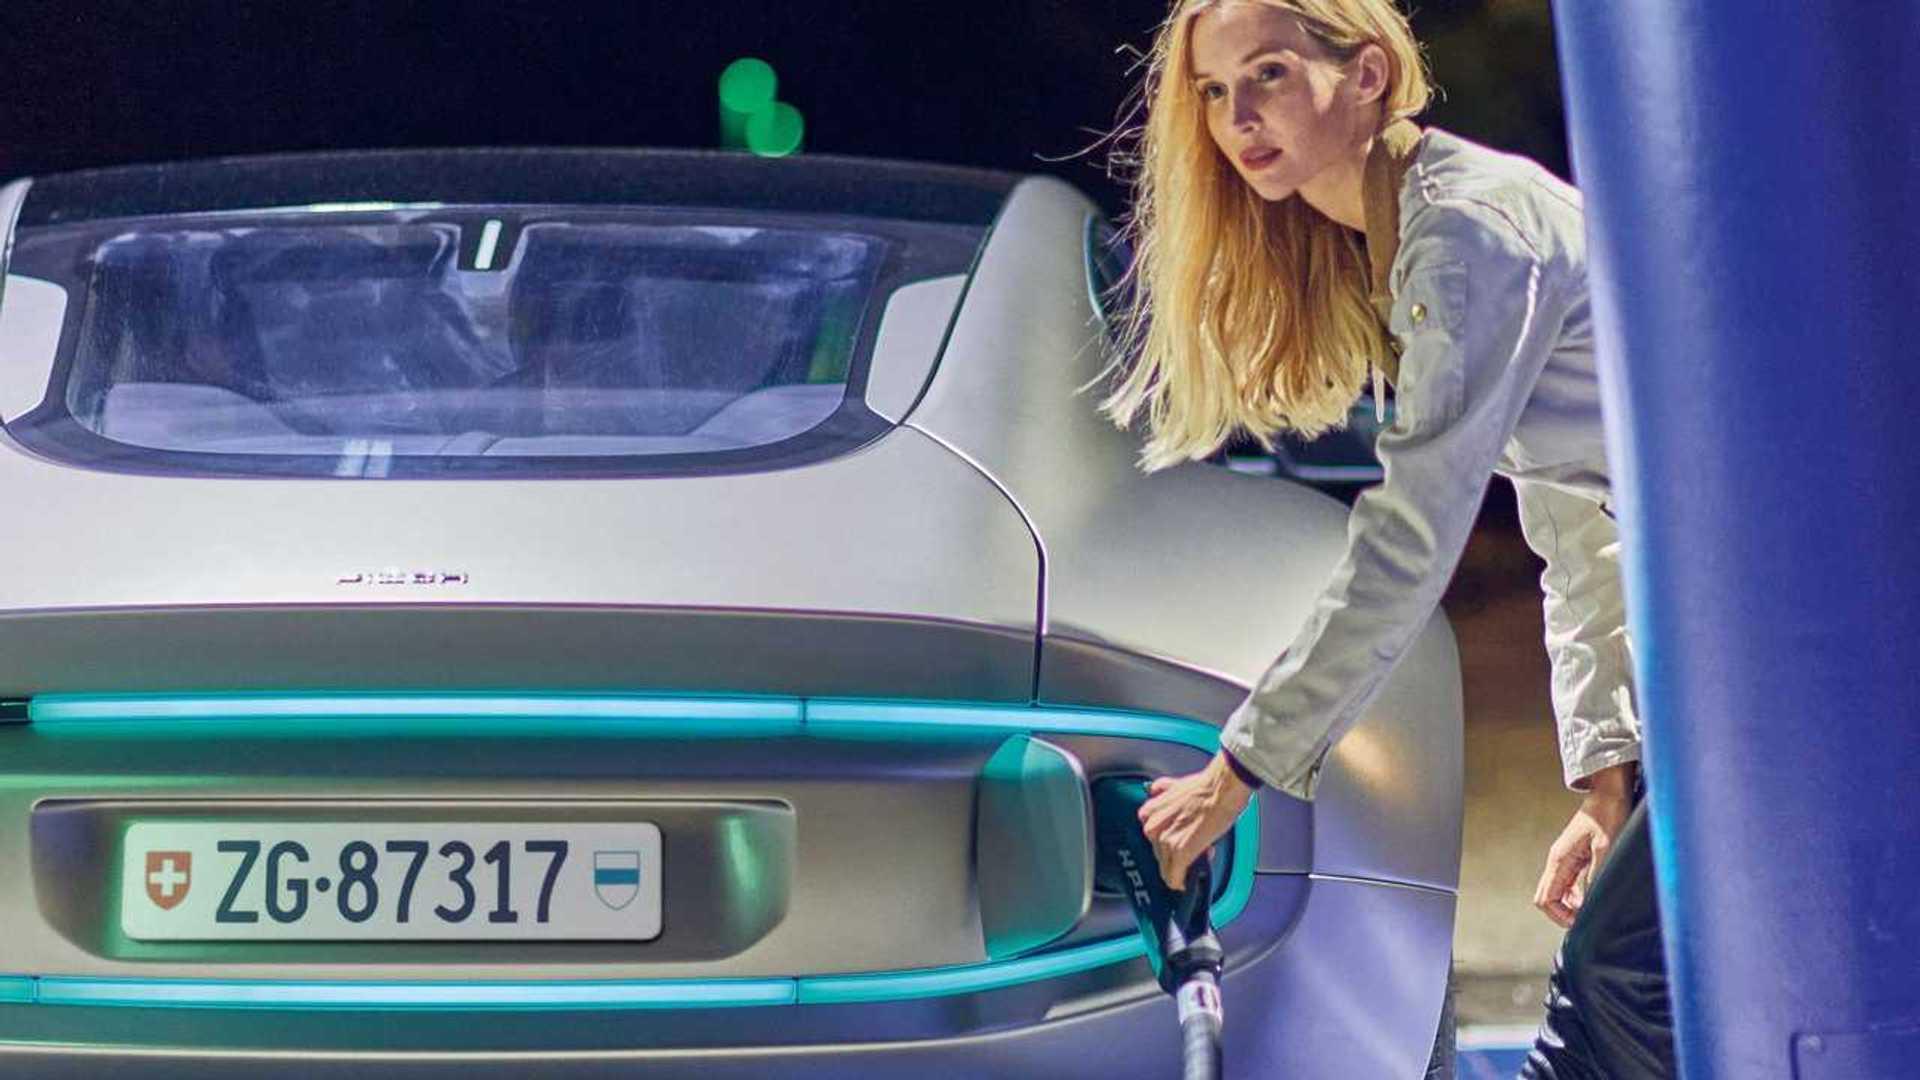 La recharge en 5 minutes devient réalité, Desten teste le 900 kW